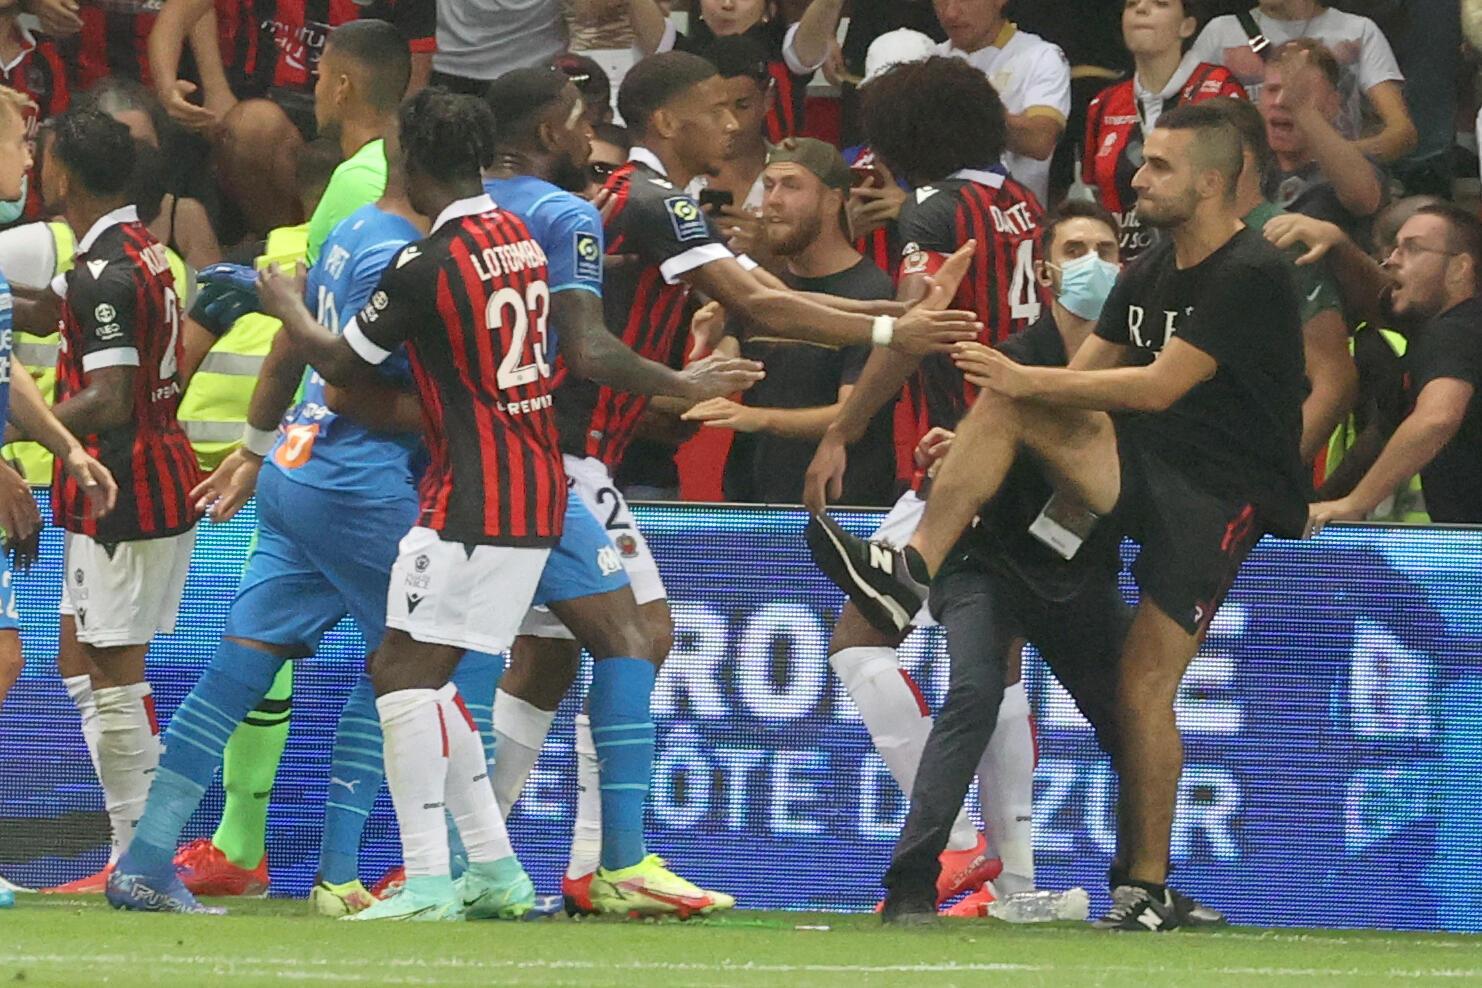 Un supporter aux prises avec les joueurs de Nice-Marseille, interrompu à la 75e après des incidents au stade Allianz Riviera de Nice, le 22 août 2021.